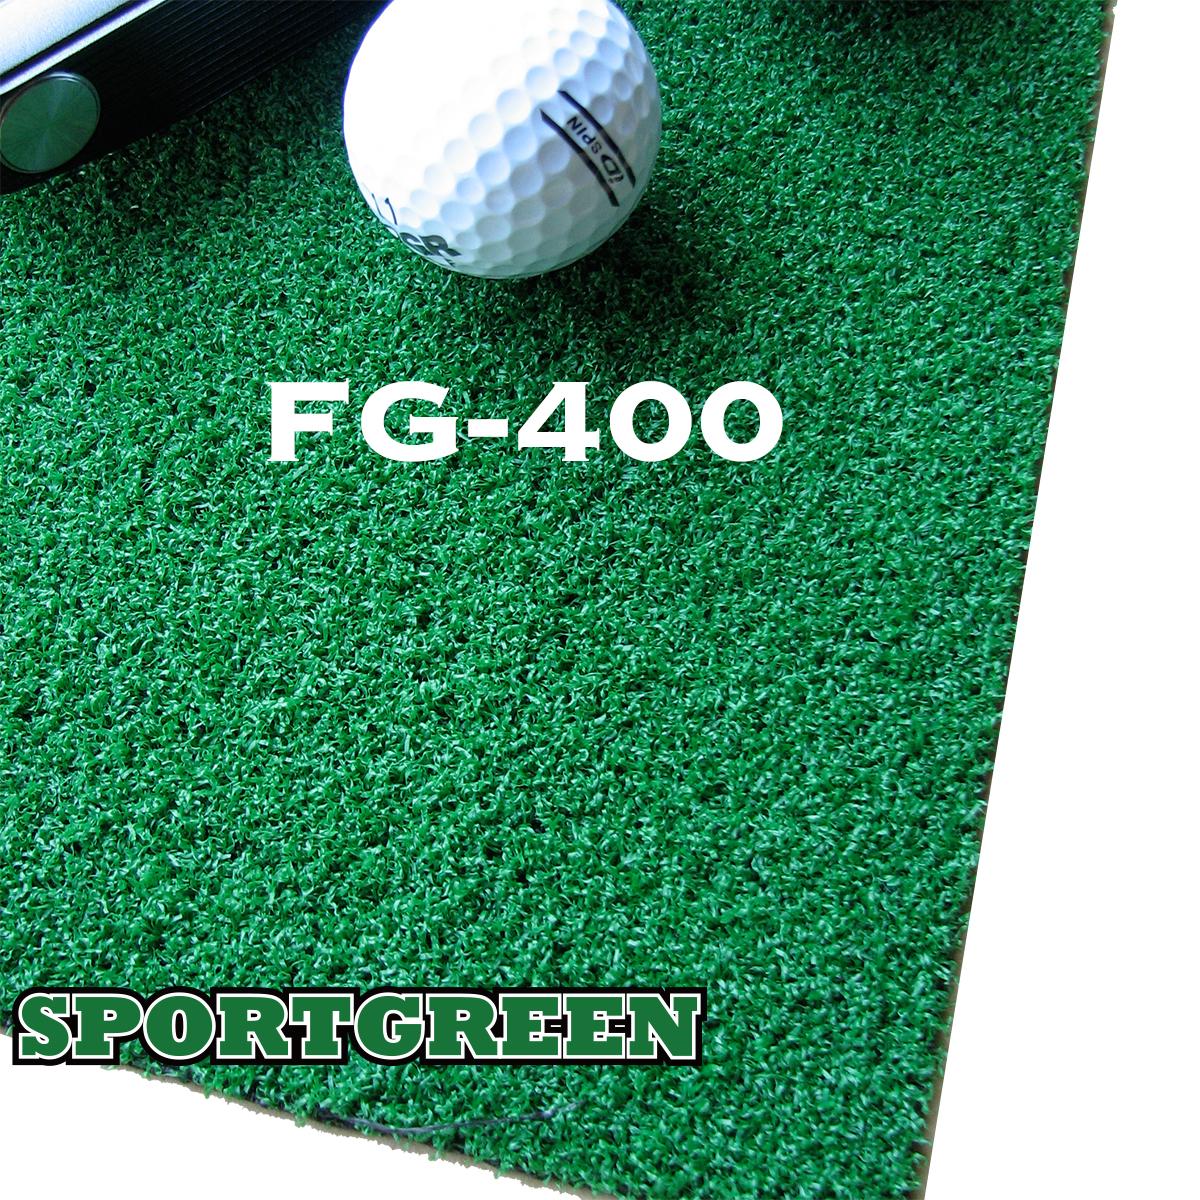 ゴルフ(パット)用人工芝[FG-400]182cm幅 1m単位で指定の長さにカットオフ【日本製】【パター練習・トレーニング用具・ゴルフ練習用具・パット練習器具】